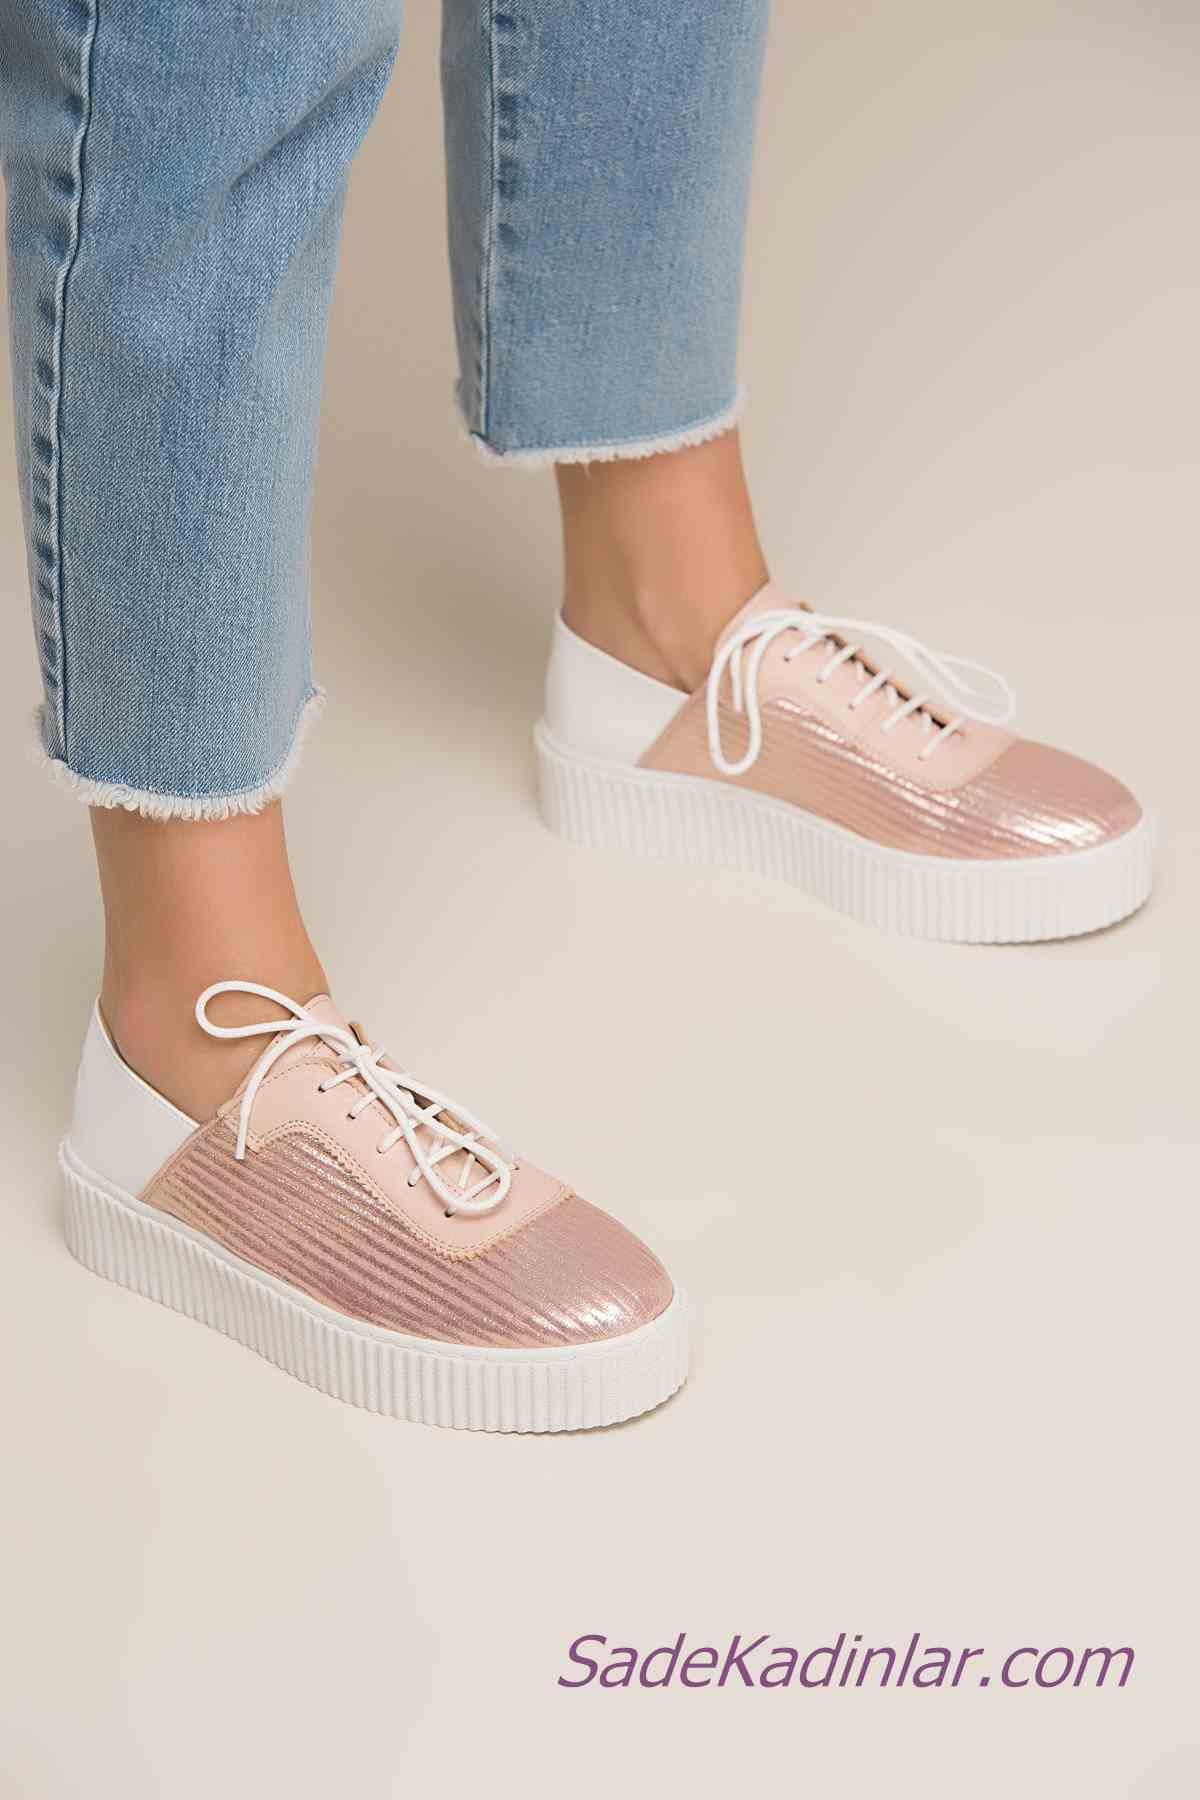 Sneakers Bayan Spor Ayakkabı Modelleri Pudra Parlak Muaşlı Bağcıklı